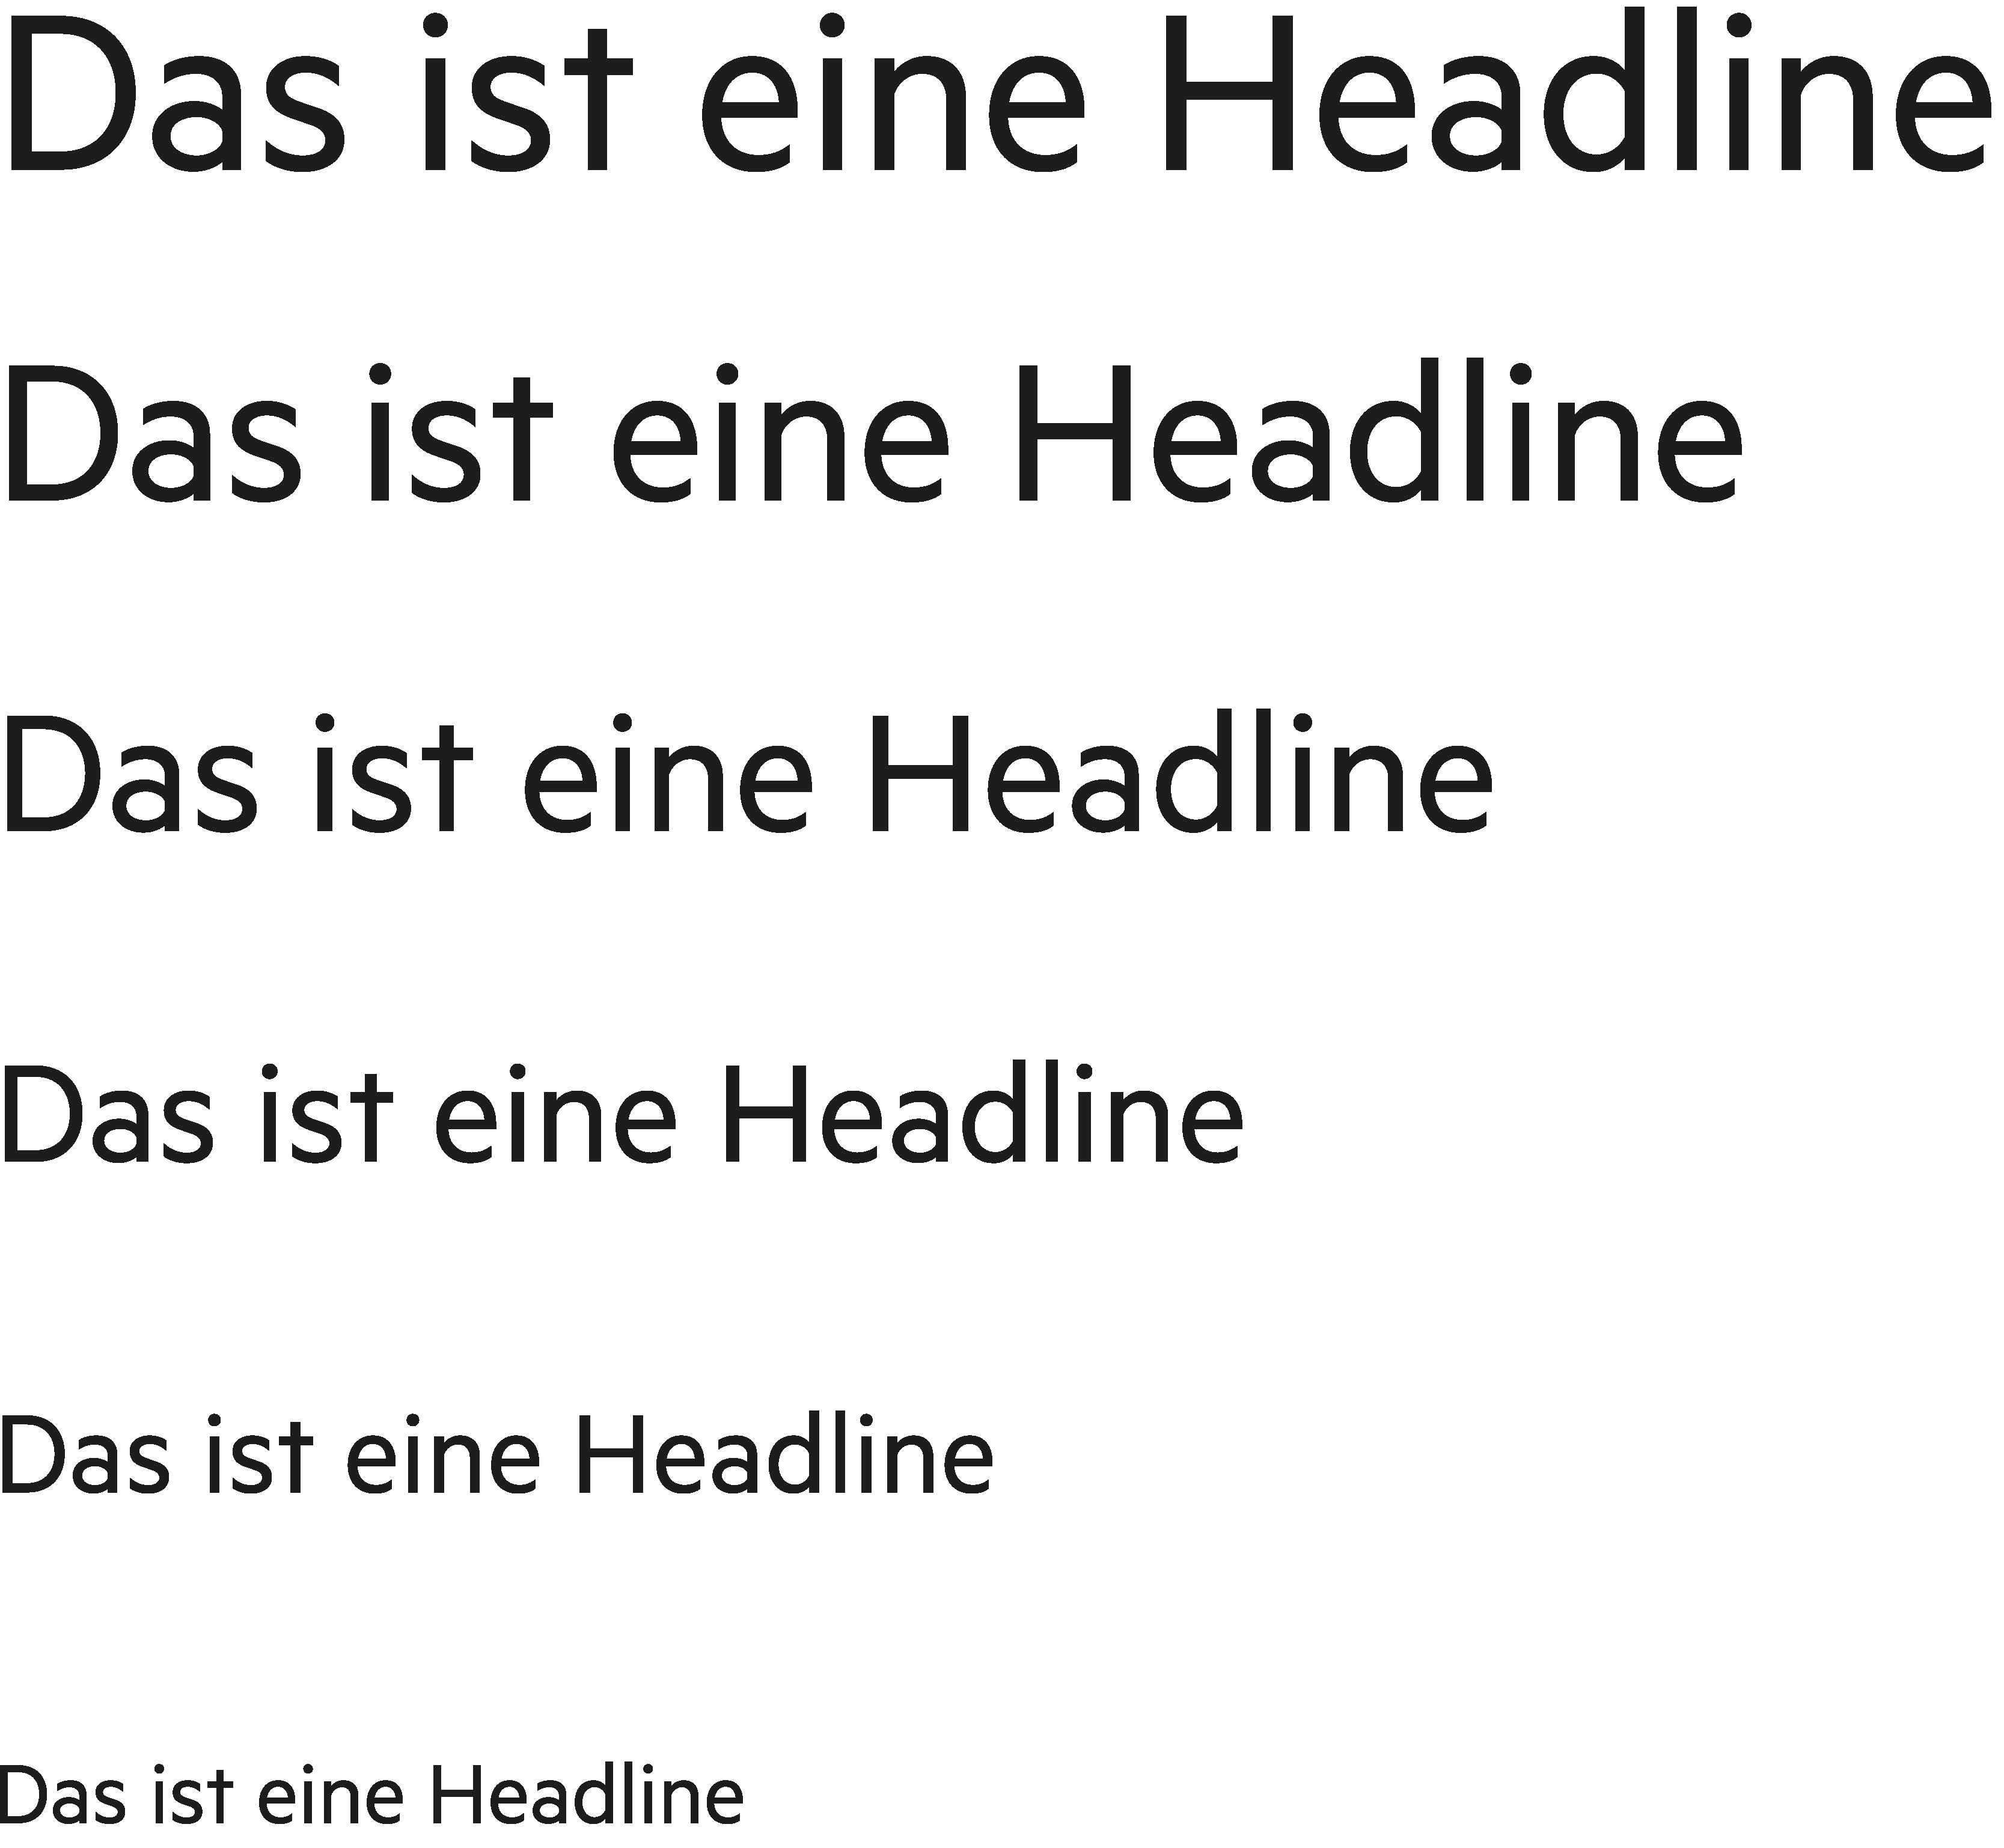 Katholische Hochschulgemeinde Düsseldorf Corporate Design Brand Manual Headline-Hierarchie